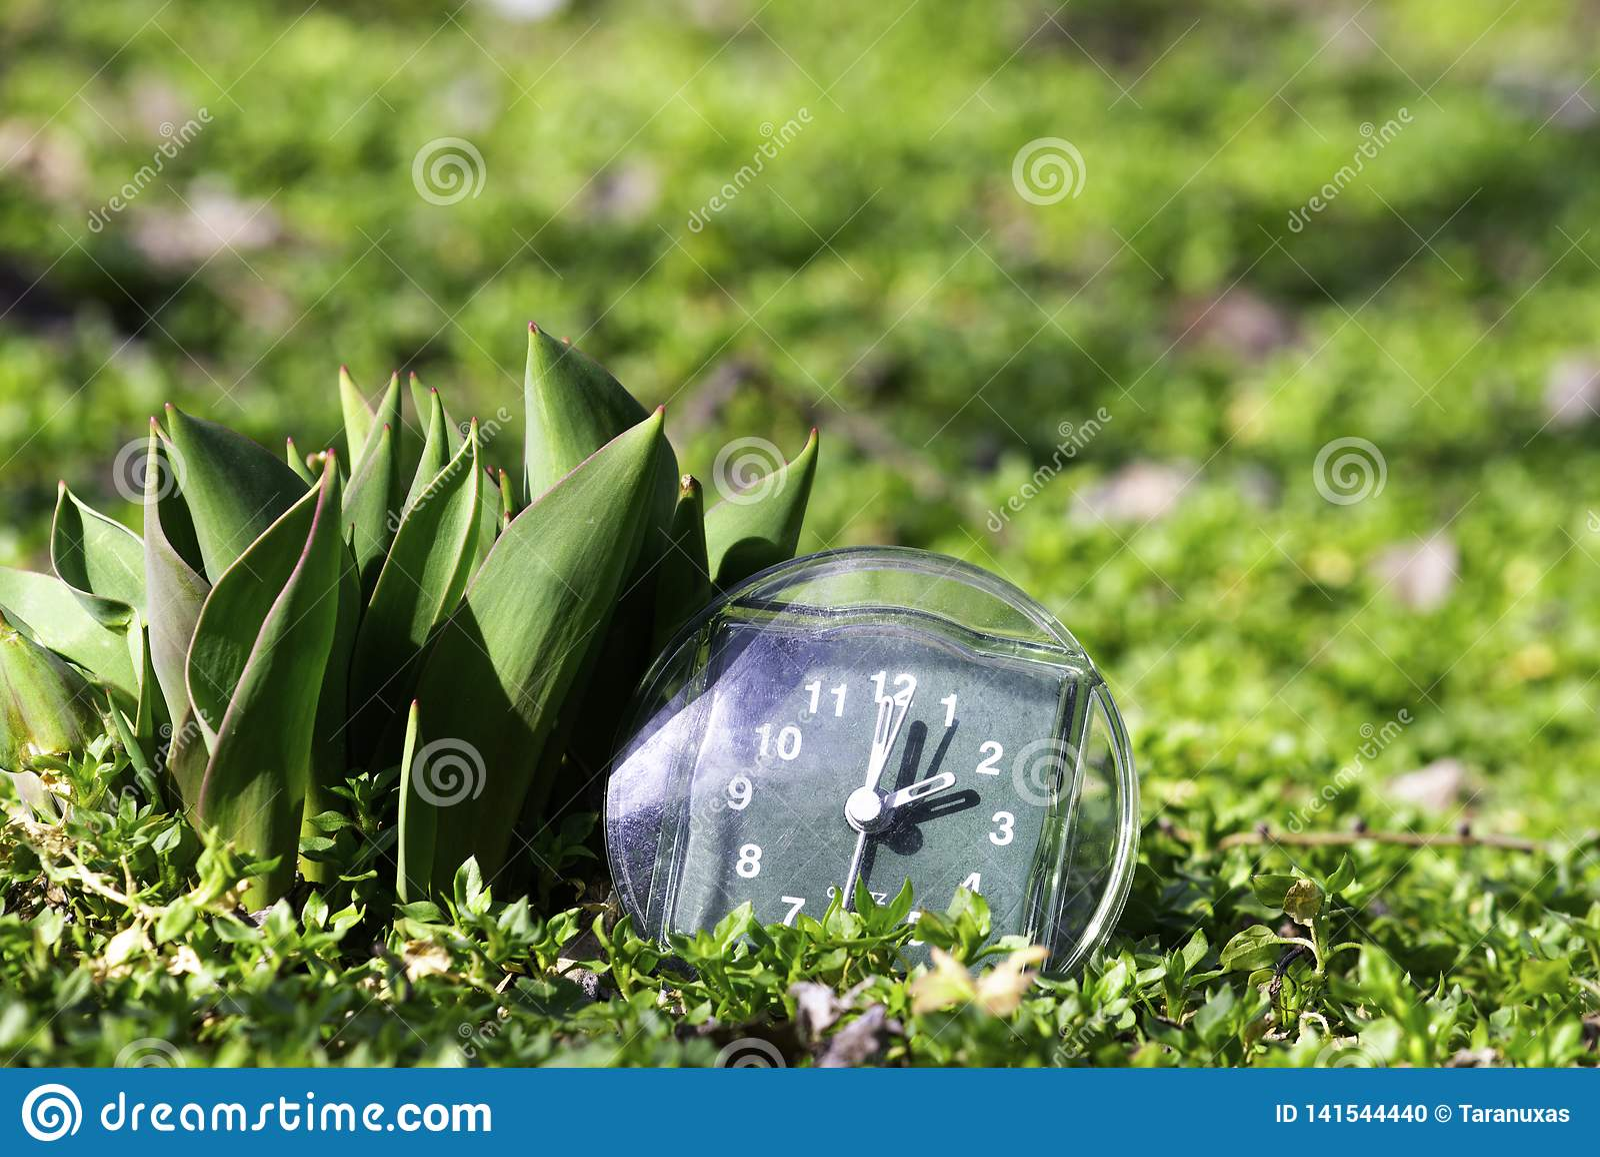 De overgang naar de zomertijd, de aankomst van de lente, de klok op het groene de lentegras naast de jonge onontloken tulpenbloem